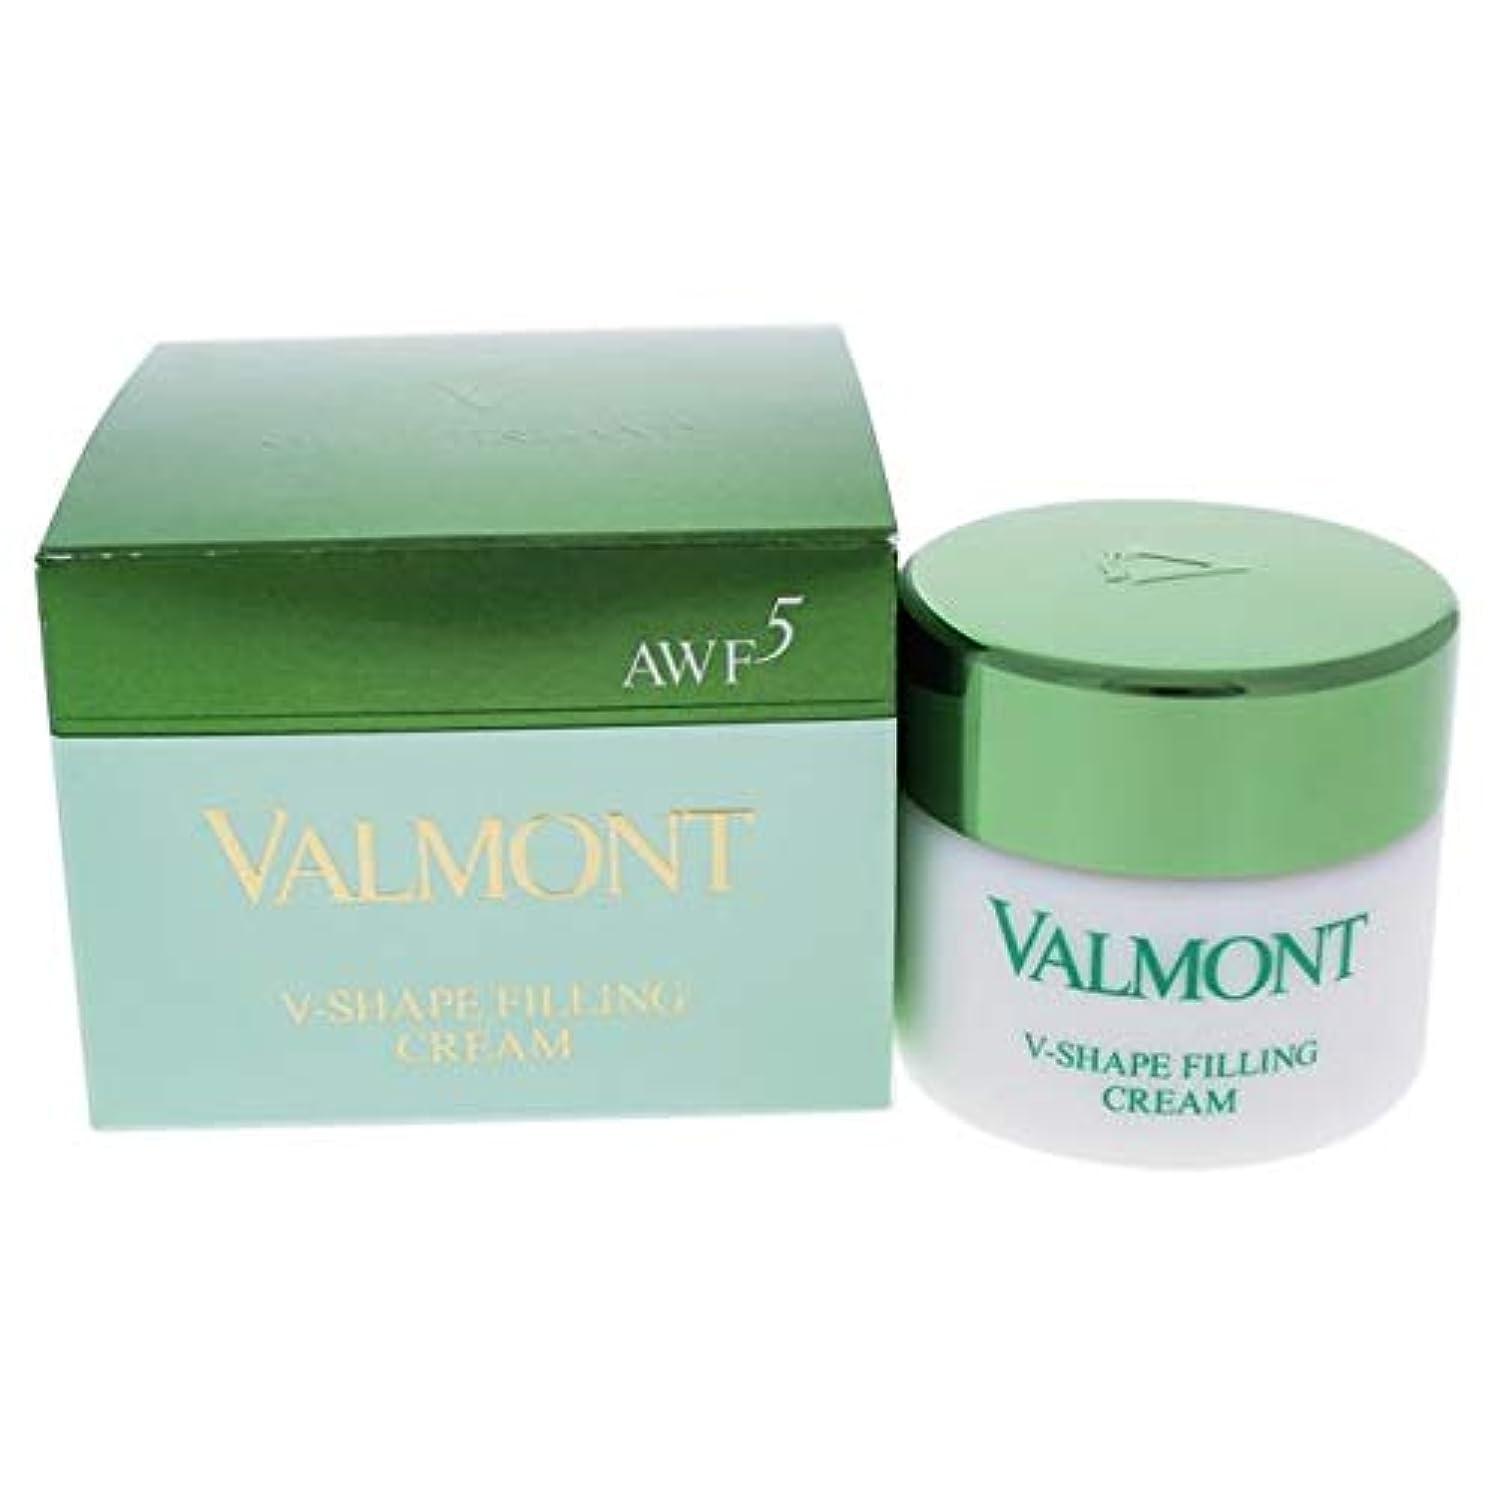 その後トン入浴ヴァルモン AWF5 V-Shape Filling Cream 50ml/1.7oz並行輸入品